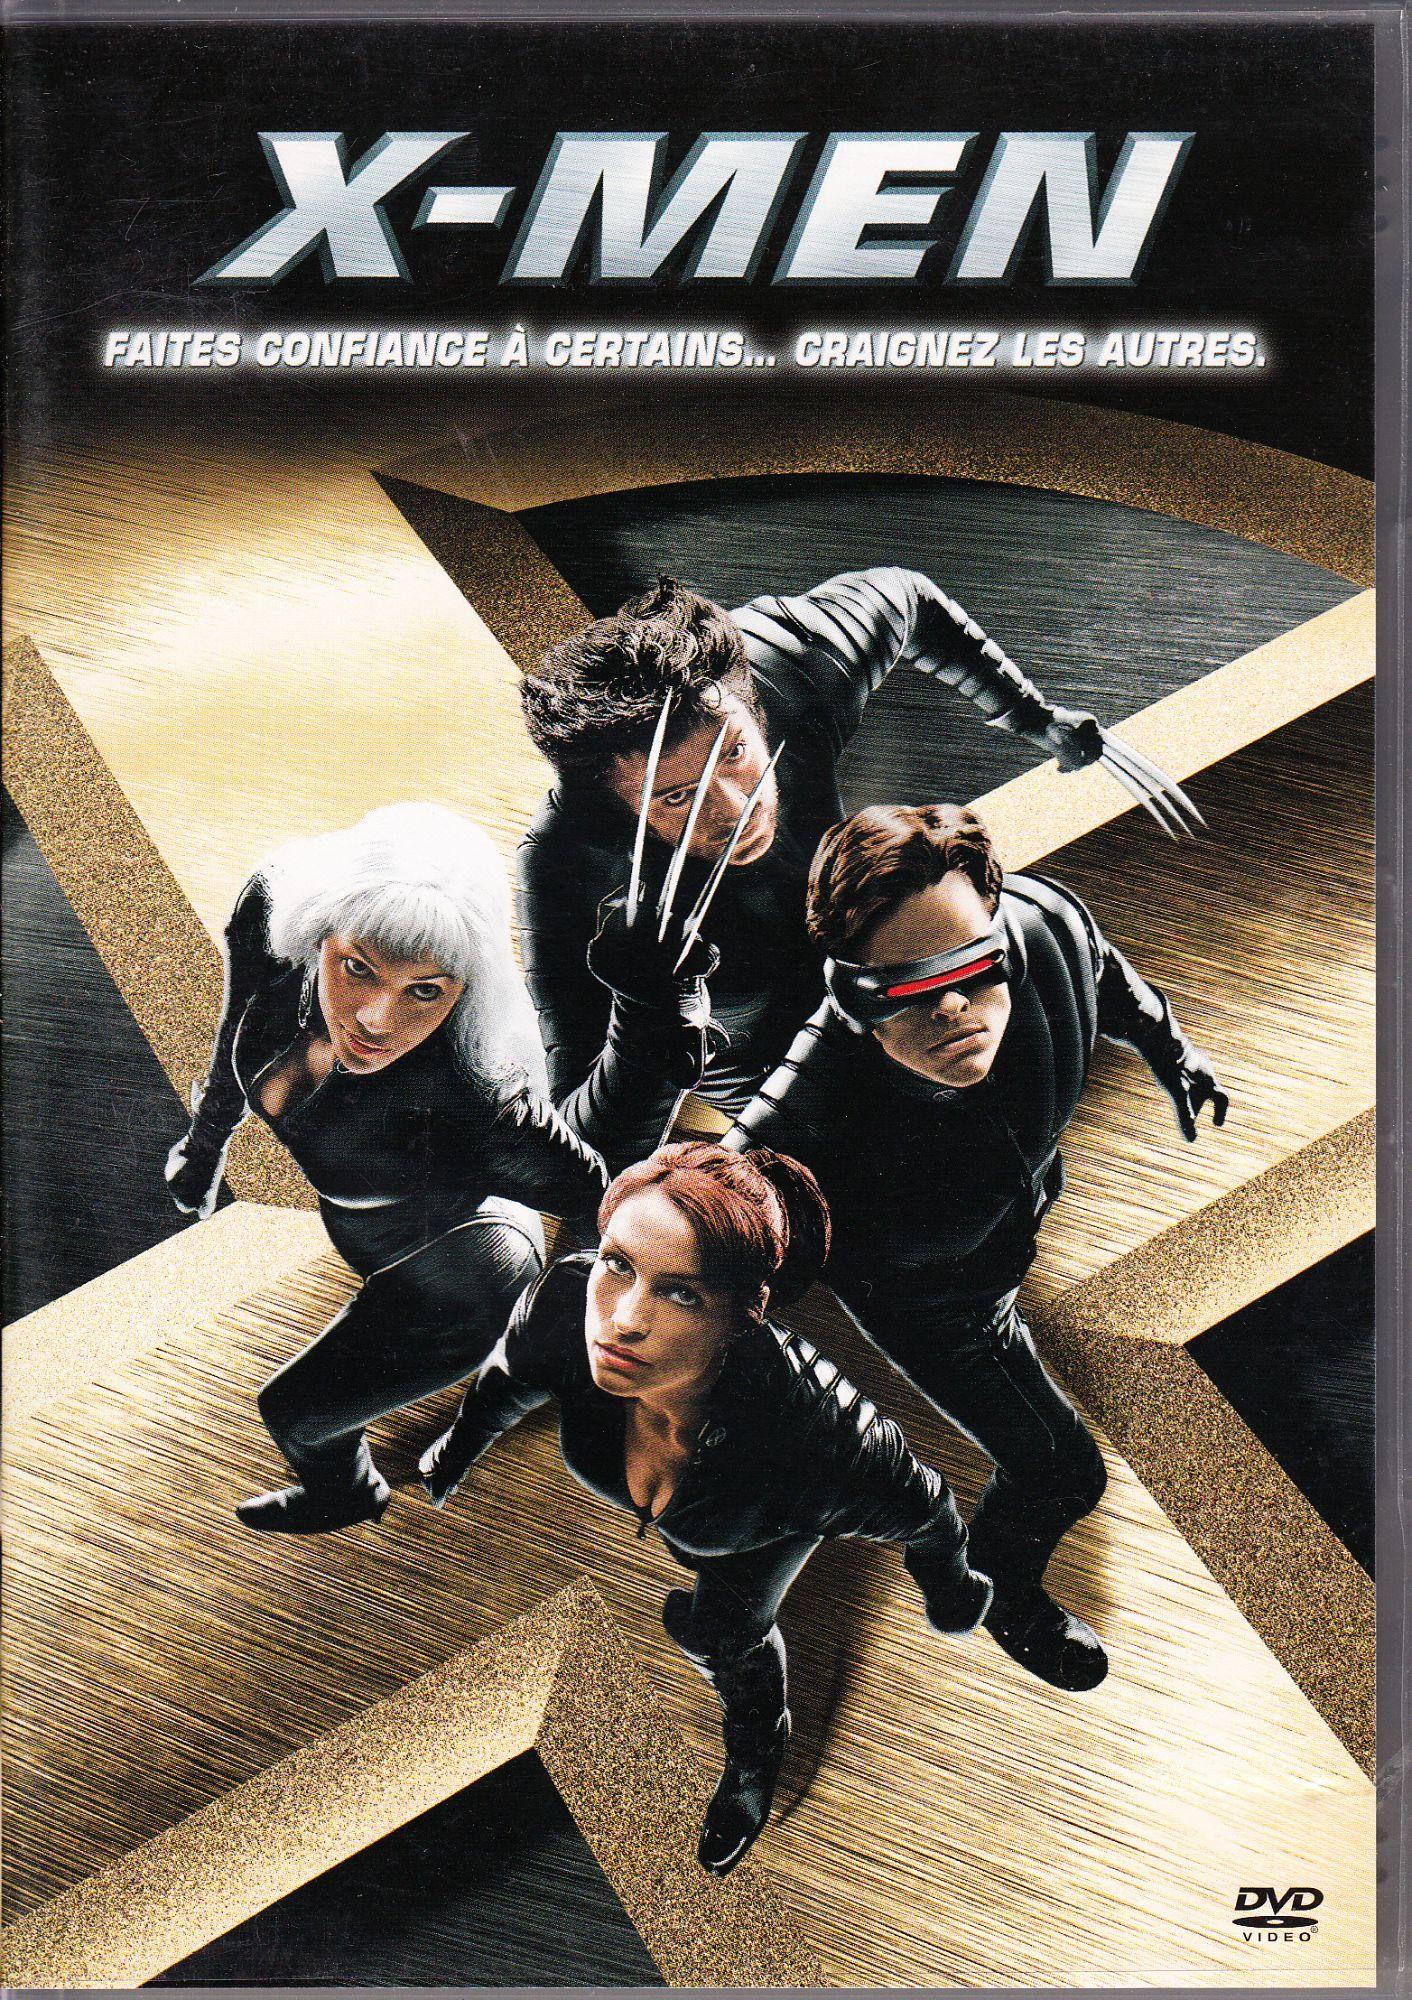 DVD X-Men sur la boutique Rakuten de Michael Lefèvre